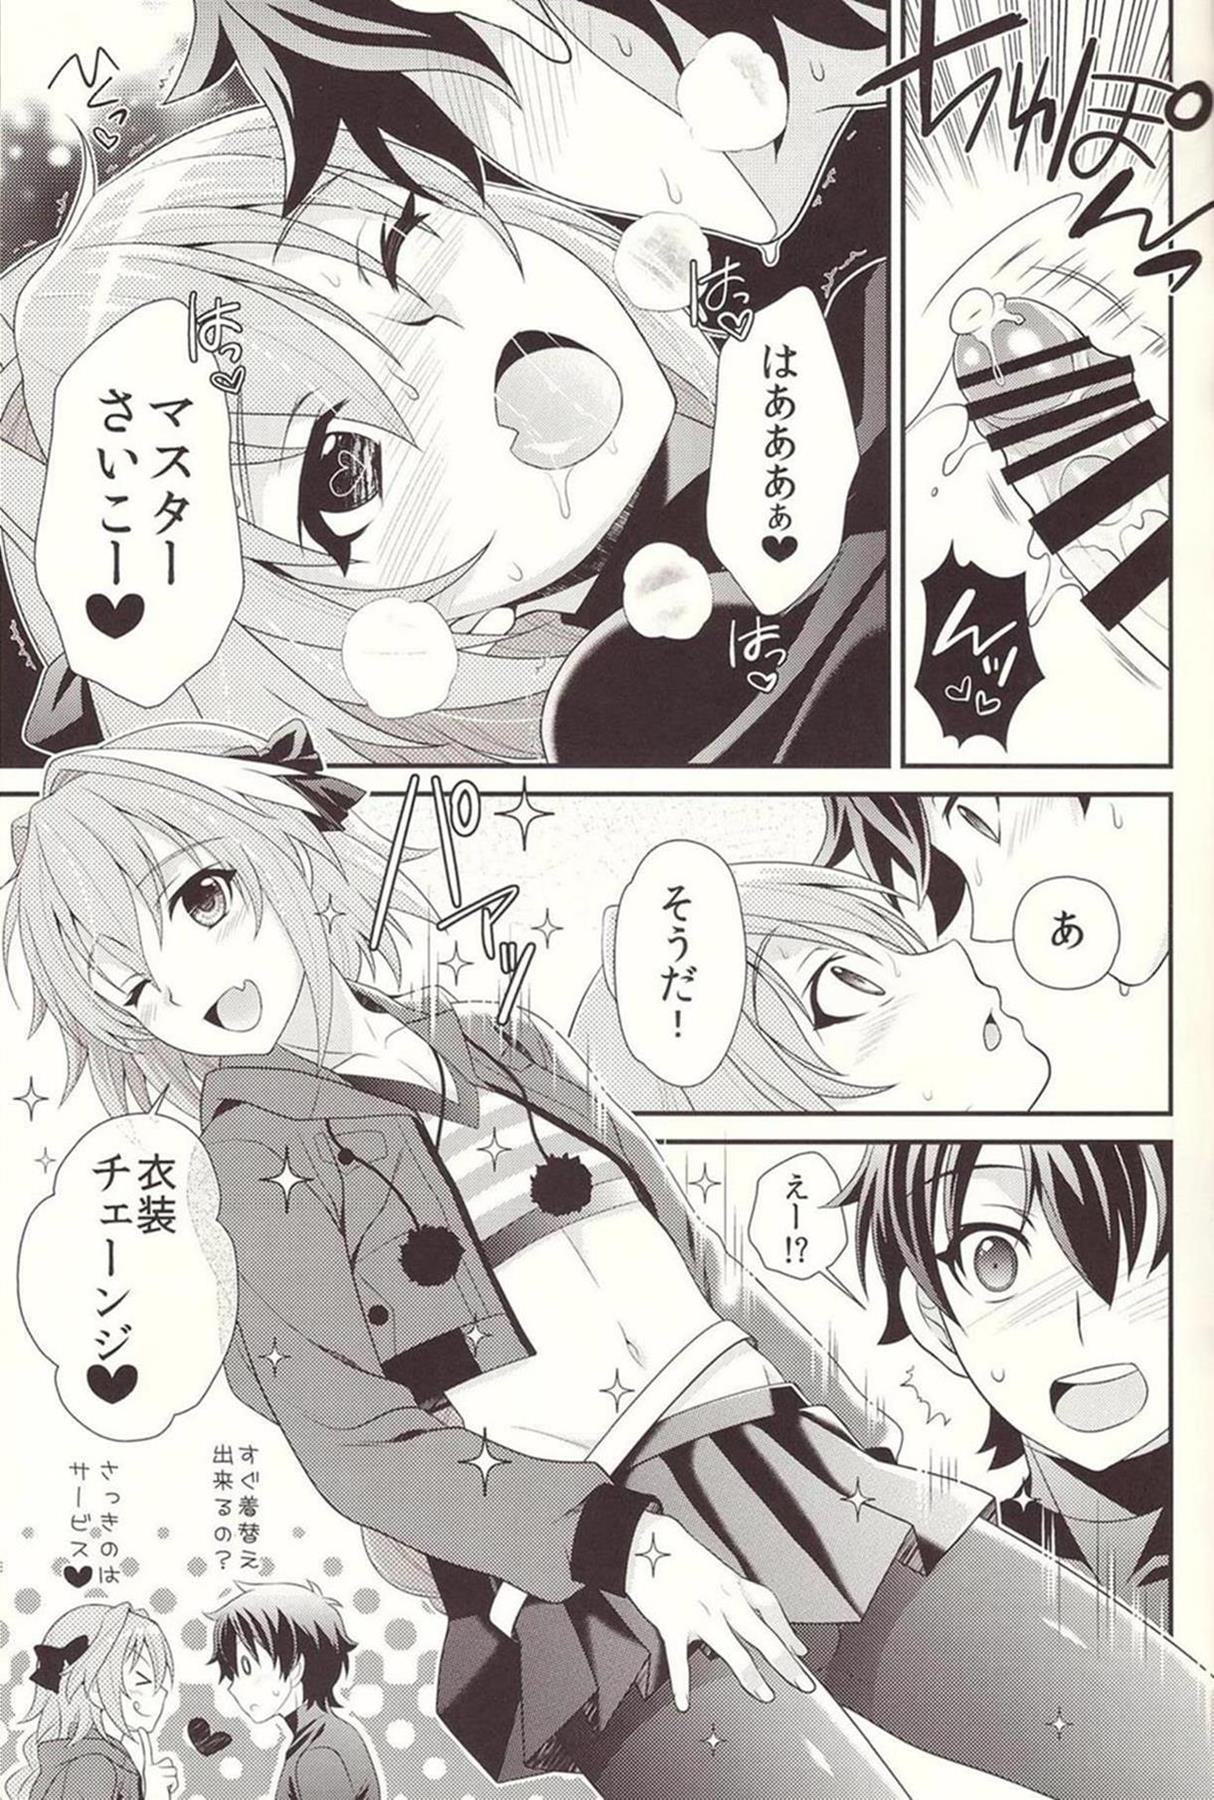 アストルフォのおちんちんがっ!!アストルフォの肛門の中にっっ!!繋がってる!!【FGO エロ漫画・エロ同人】 (14)